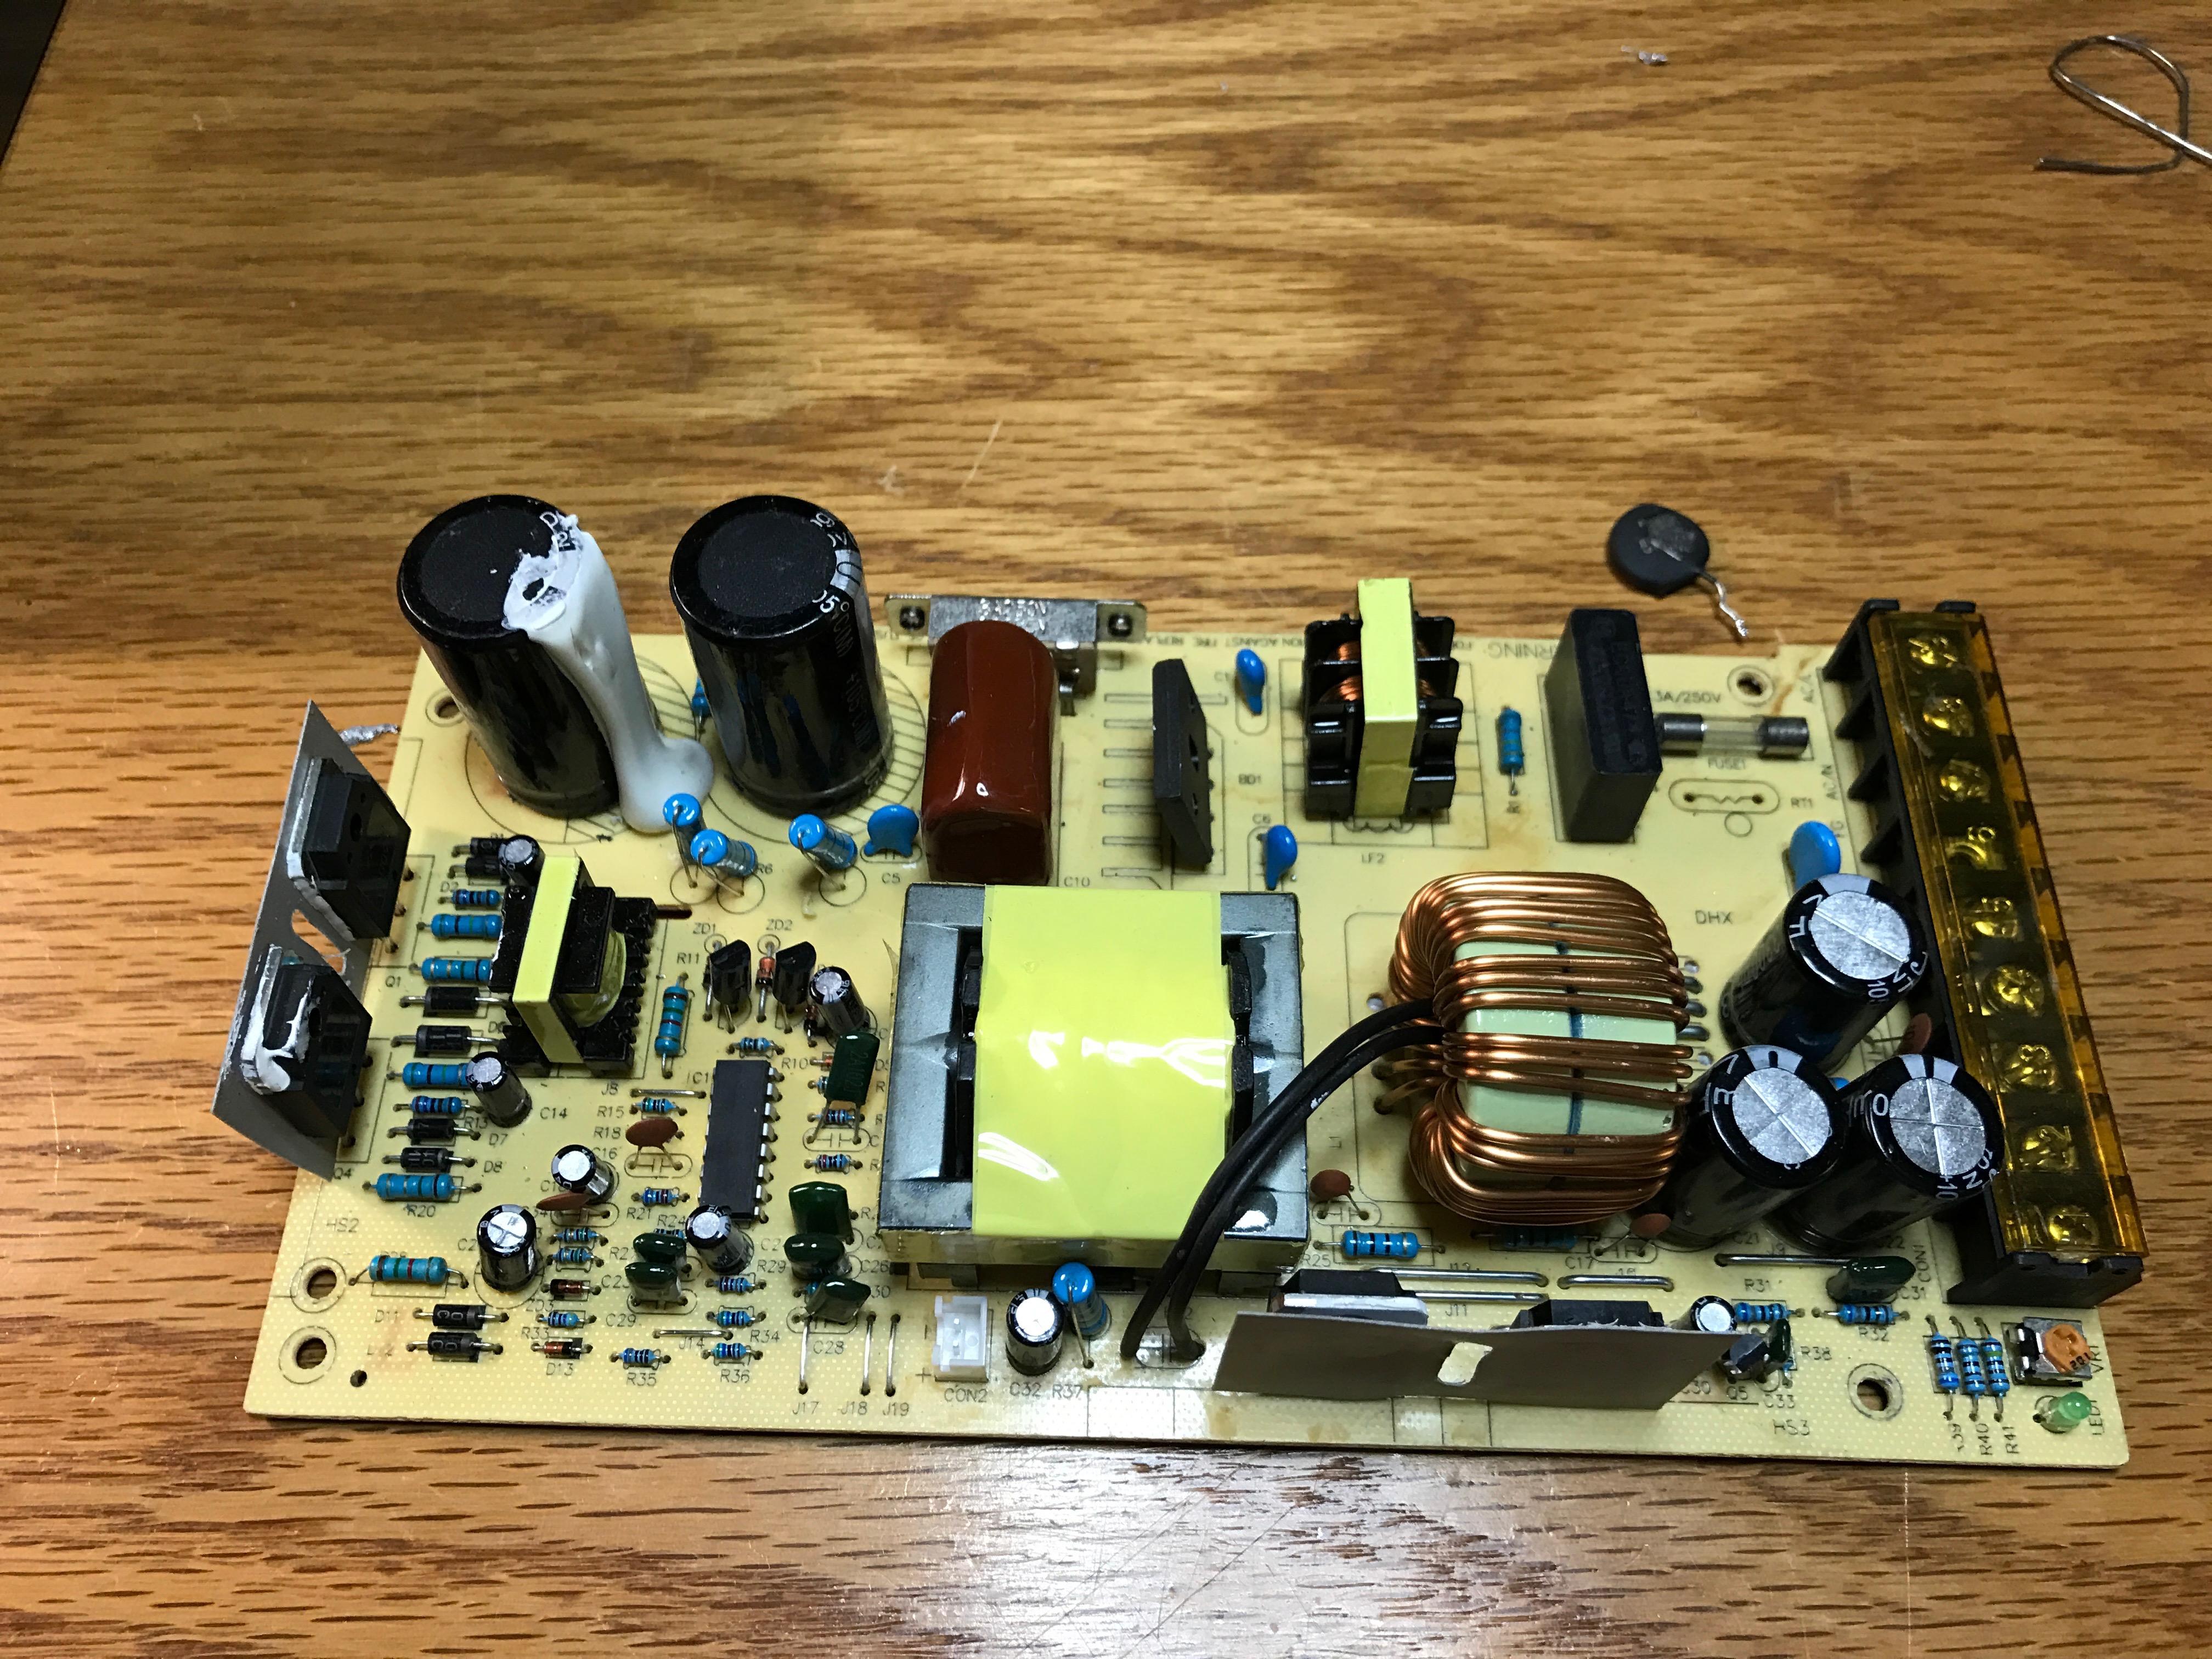 12v 30a Power Supply Repair – K4NHA